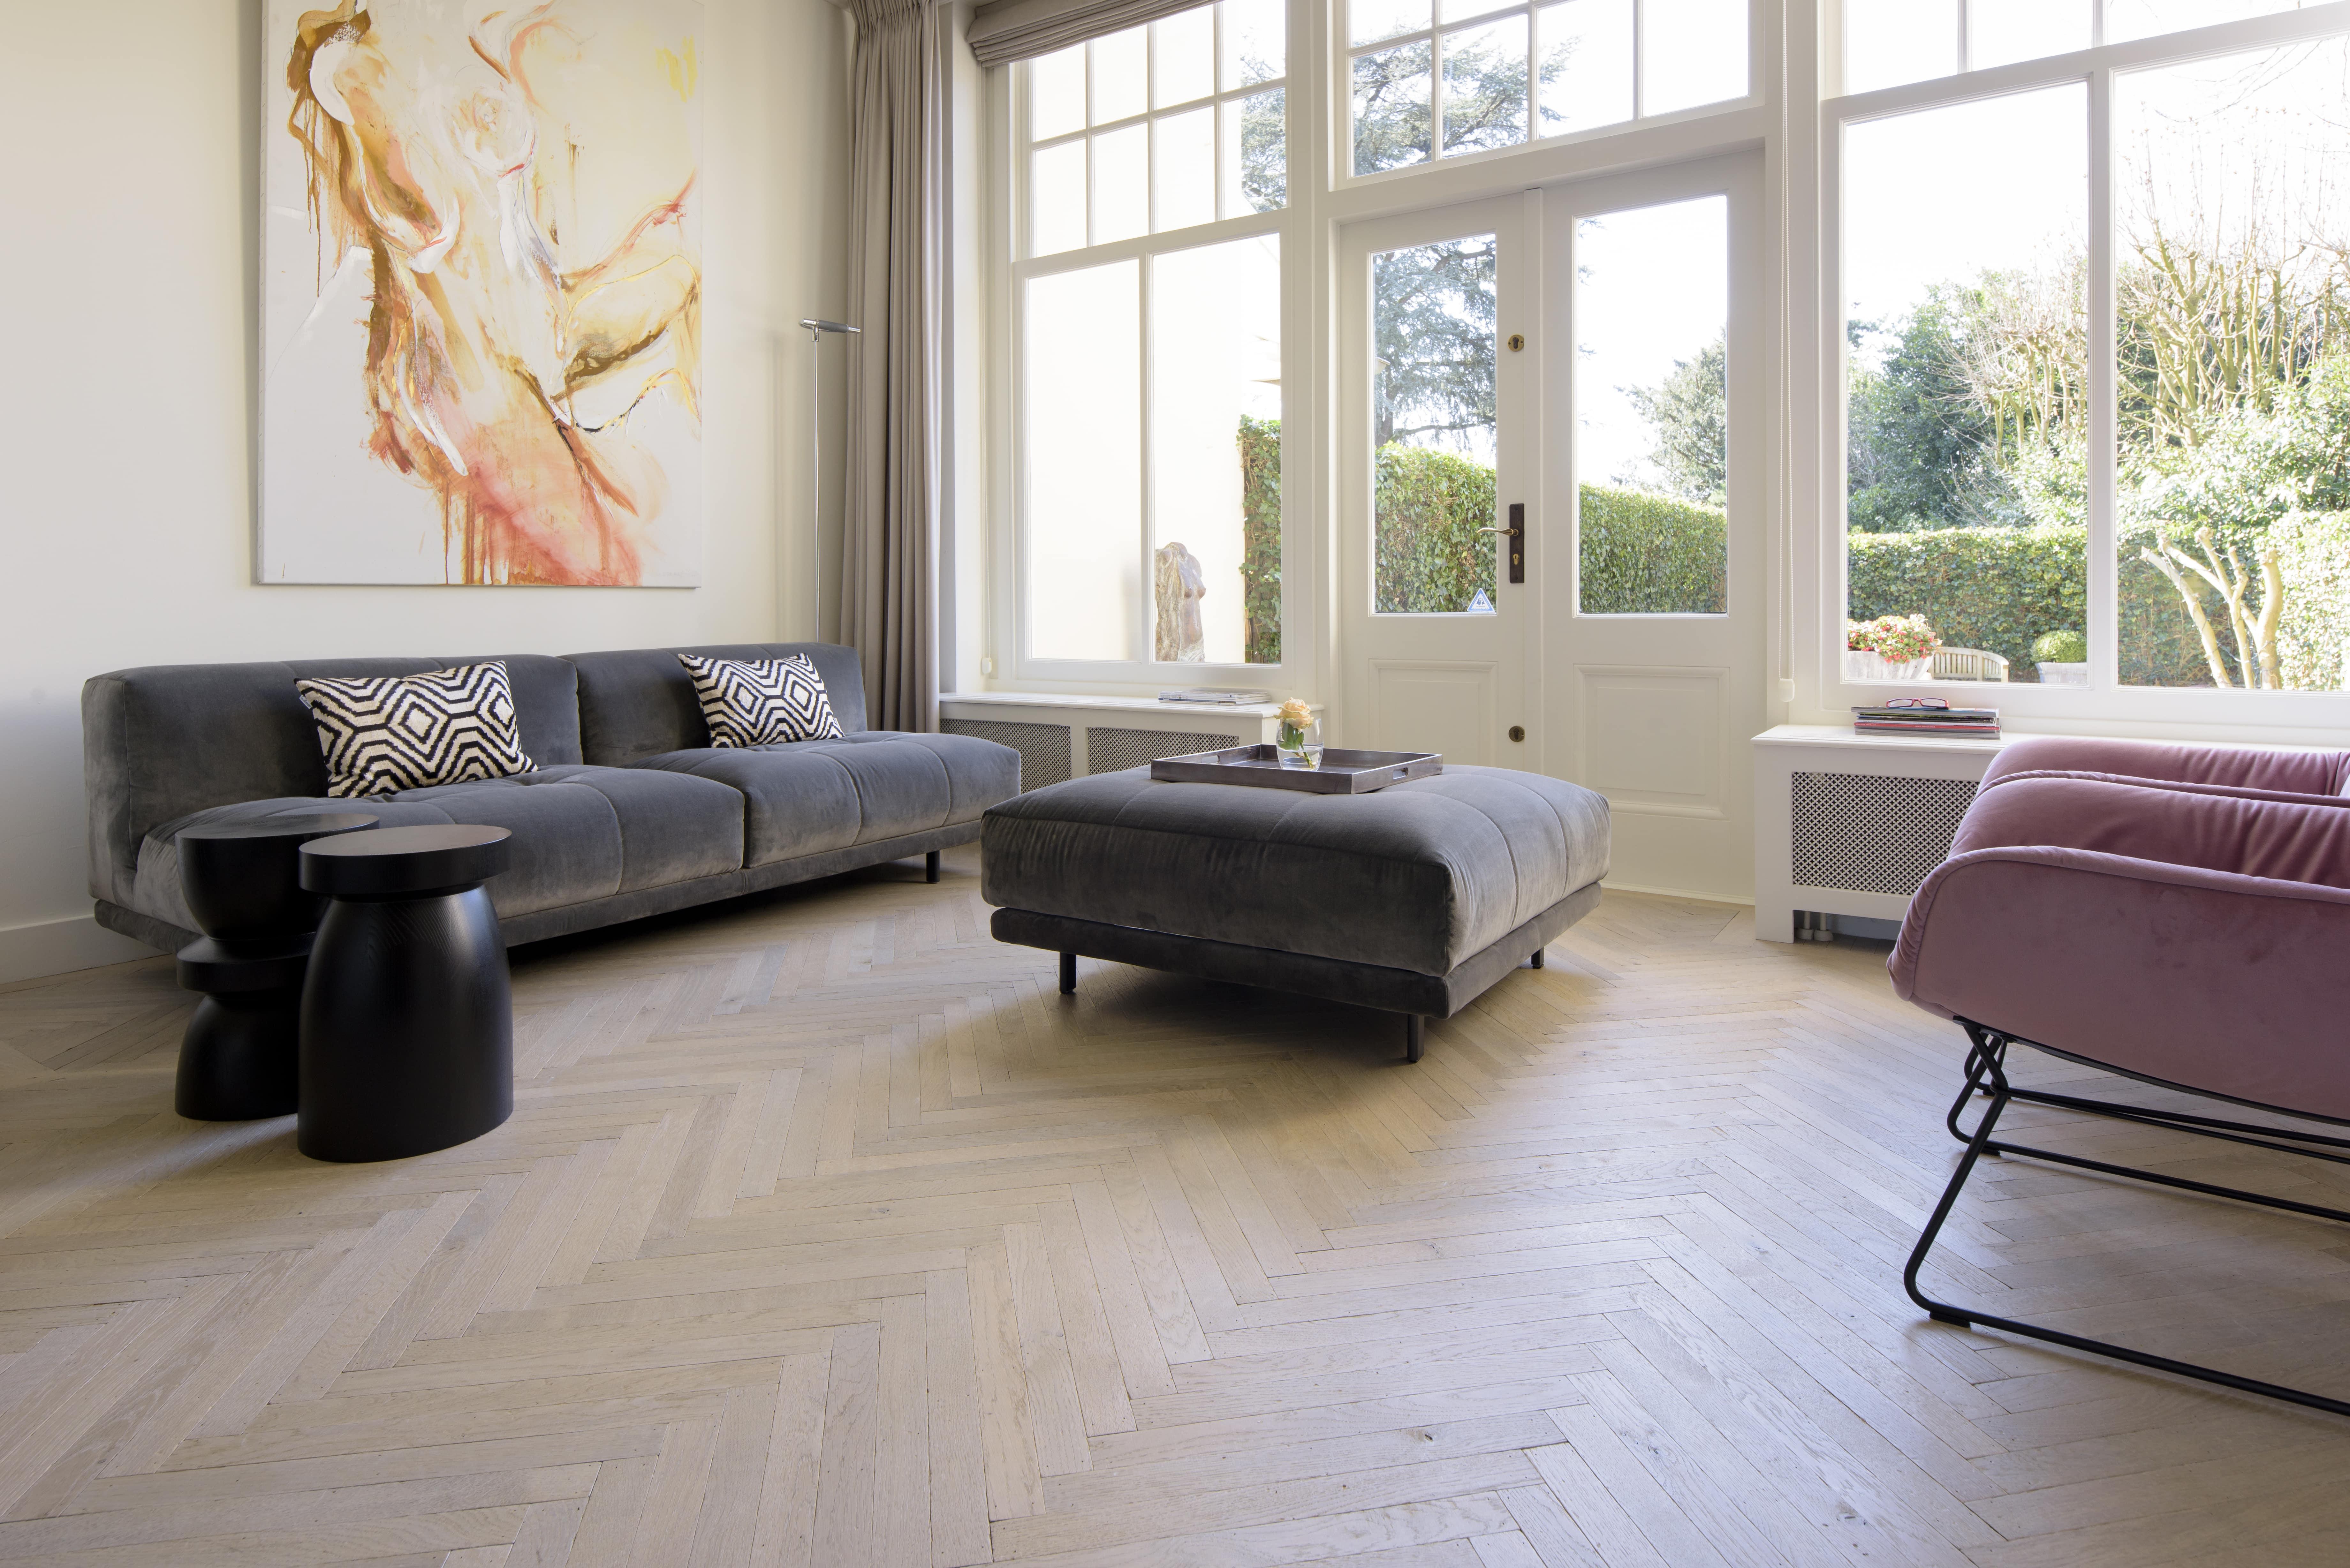 Massief houten vloer met visgraat motief